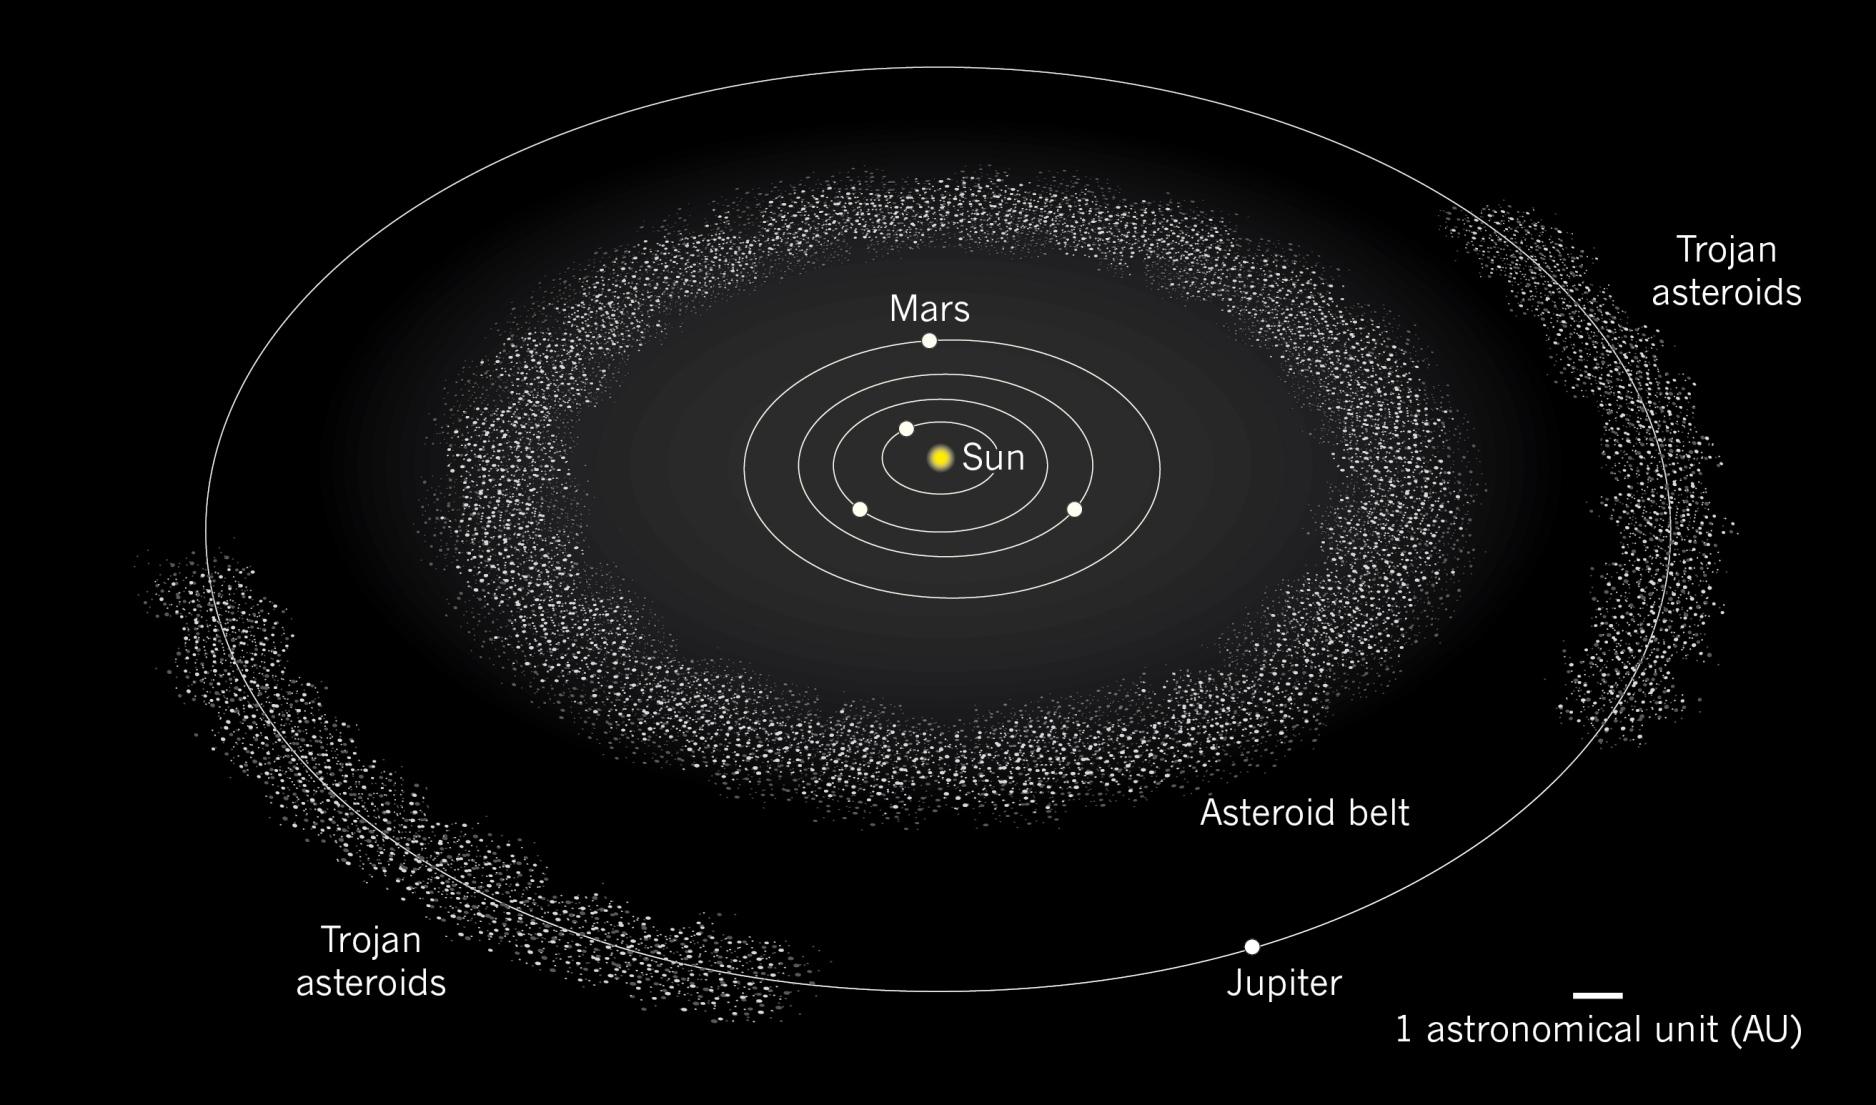 Asteroids. Ceres dwarf planet